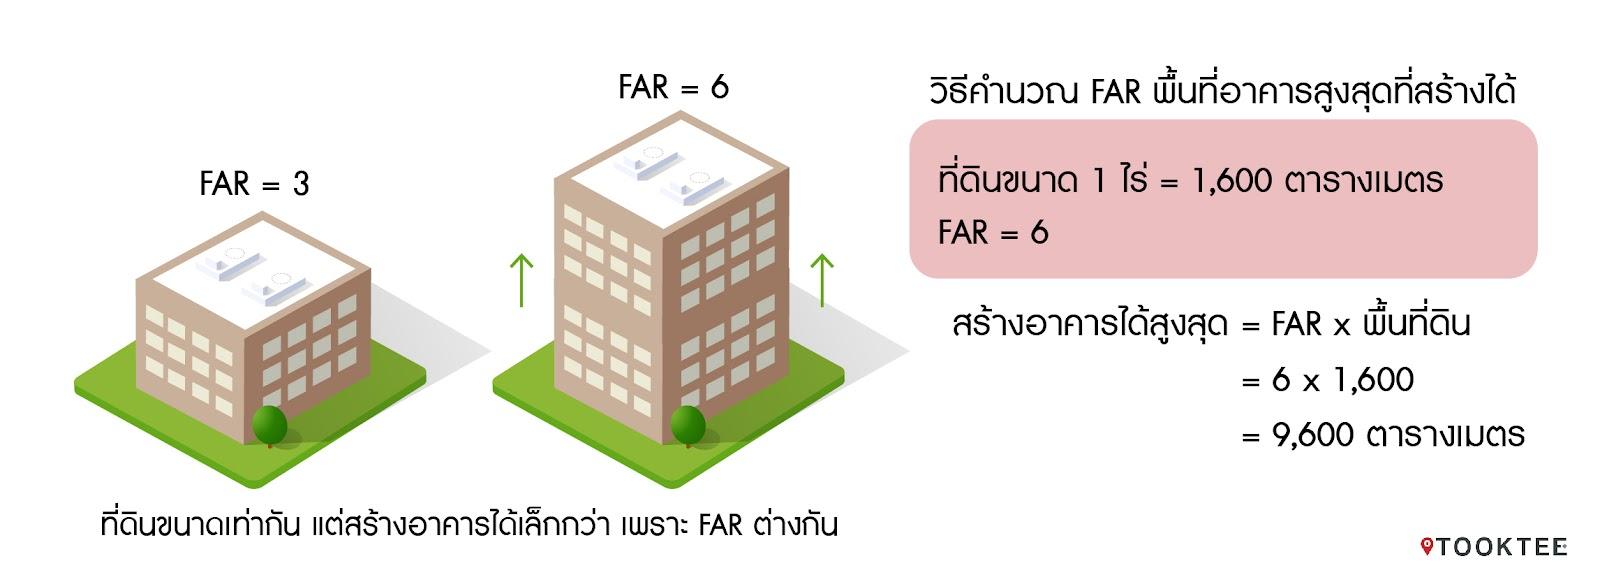 วิธีตรวจสอบ FAR และ OSR ข้อกำหนดที่เกี่ยวข้องกับพื้นที่อาคารตามประเภทสีผังเมือง